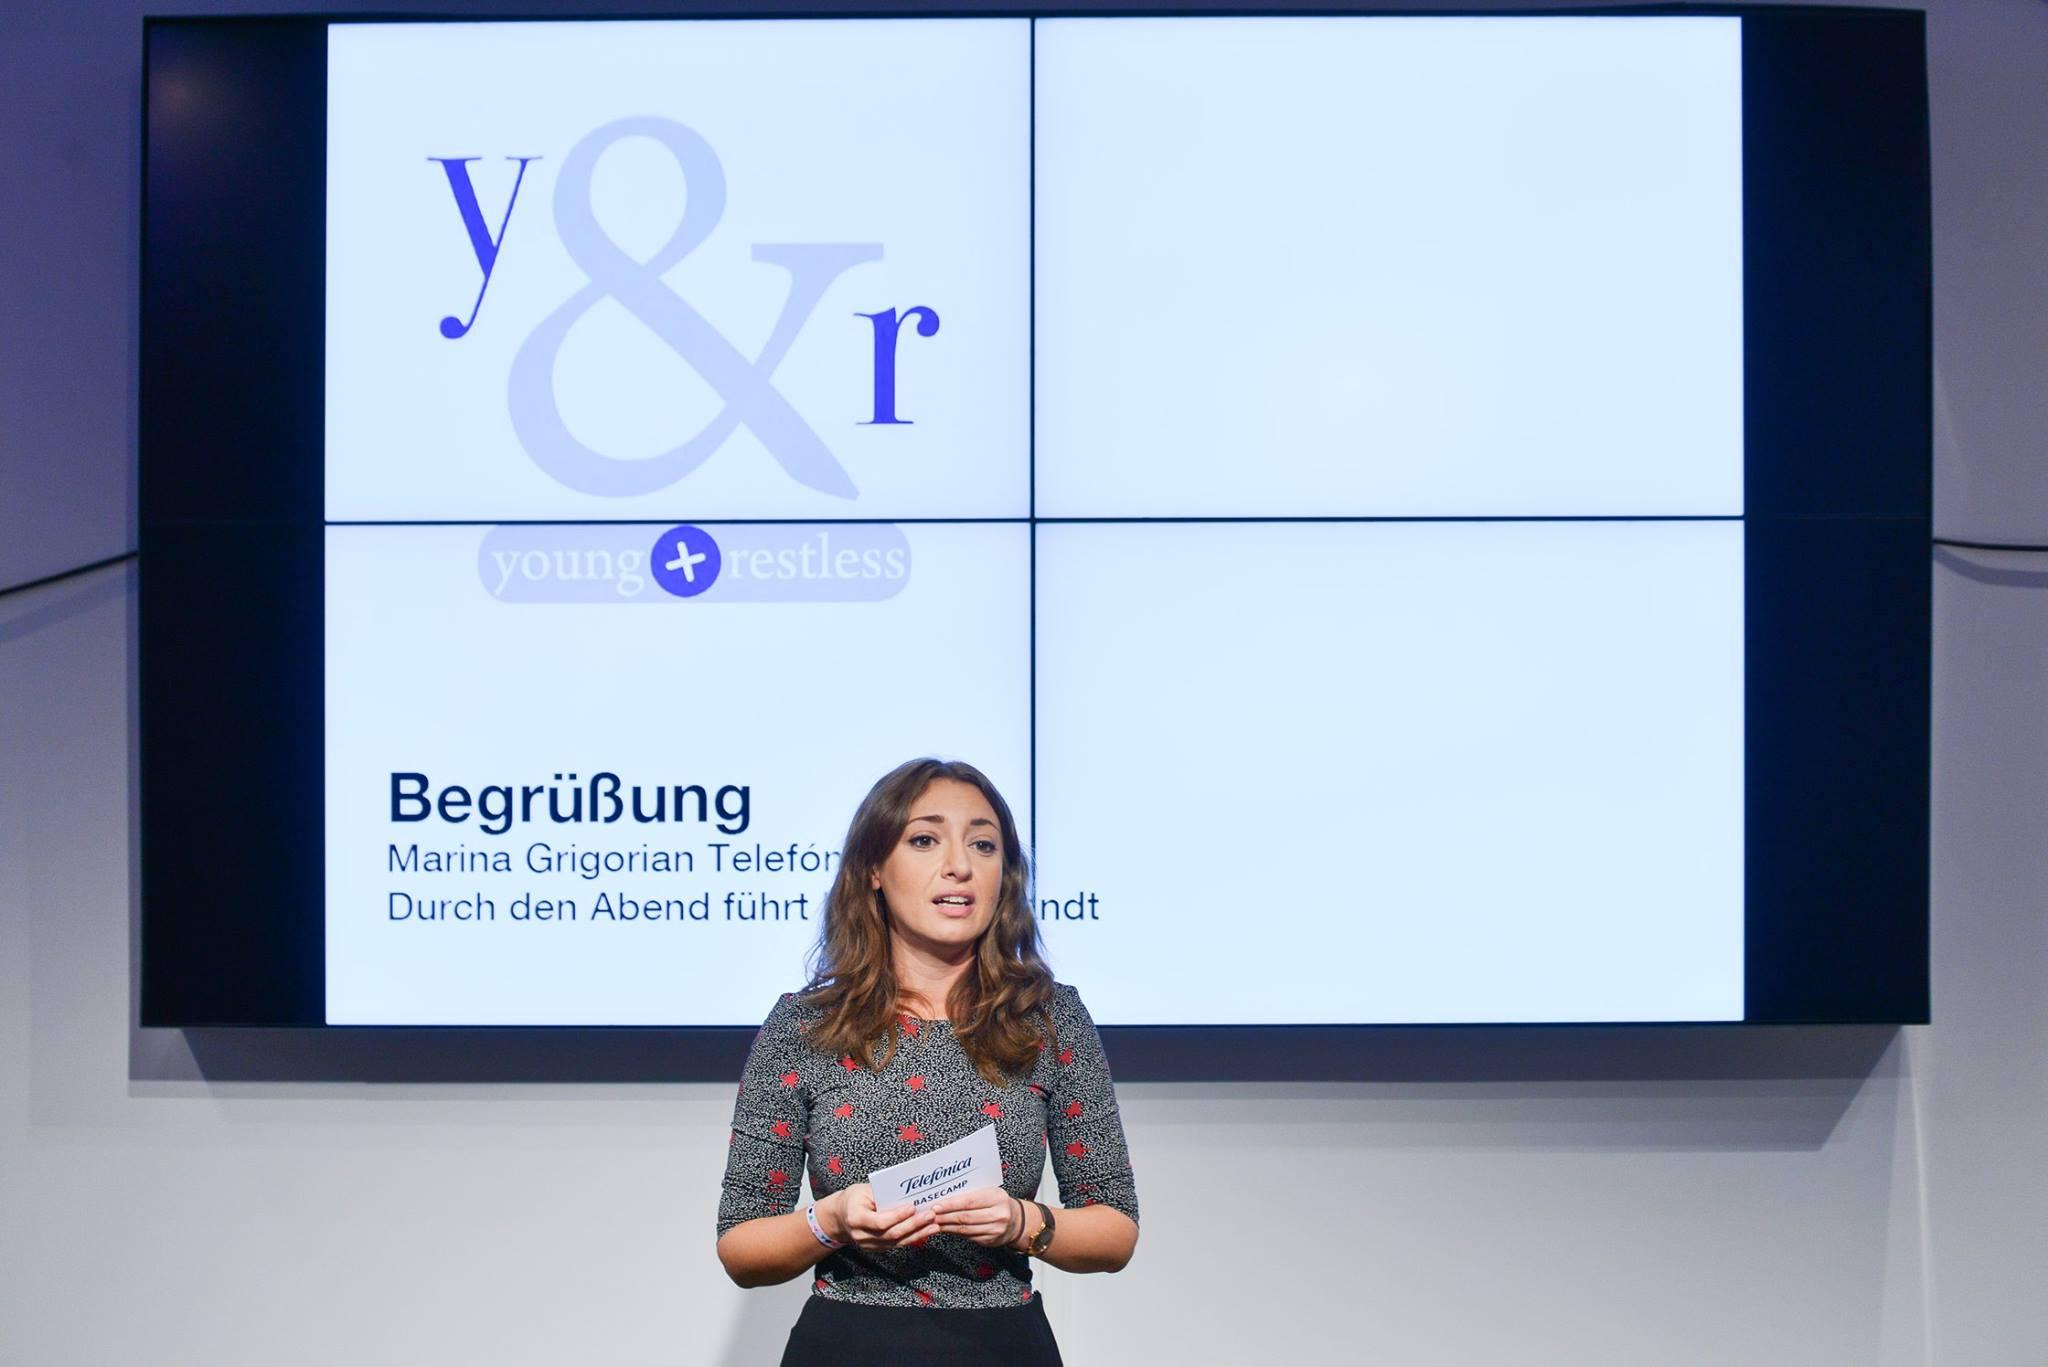 Marina Grigorian (Telefónica) bei der Eröffnung der Sommeredition von young+restless im Juli 2016